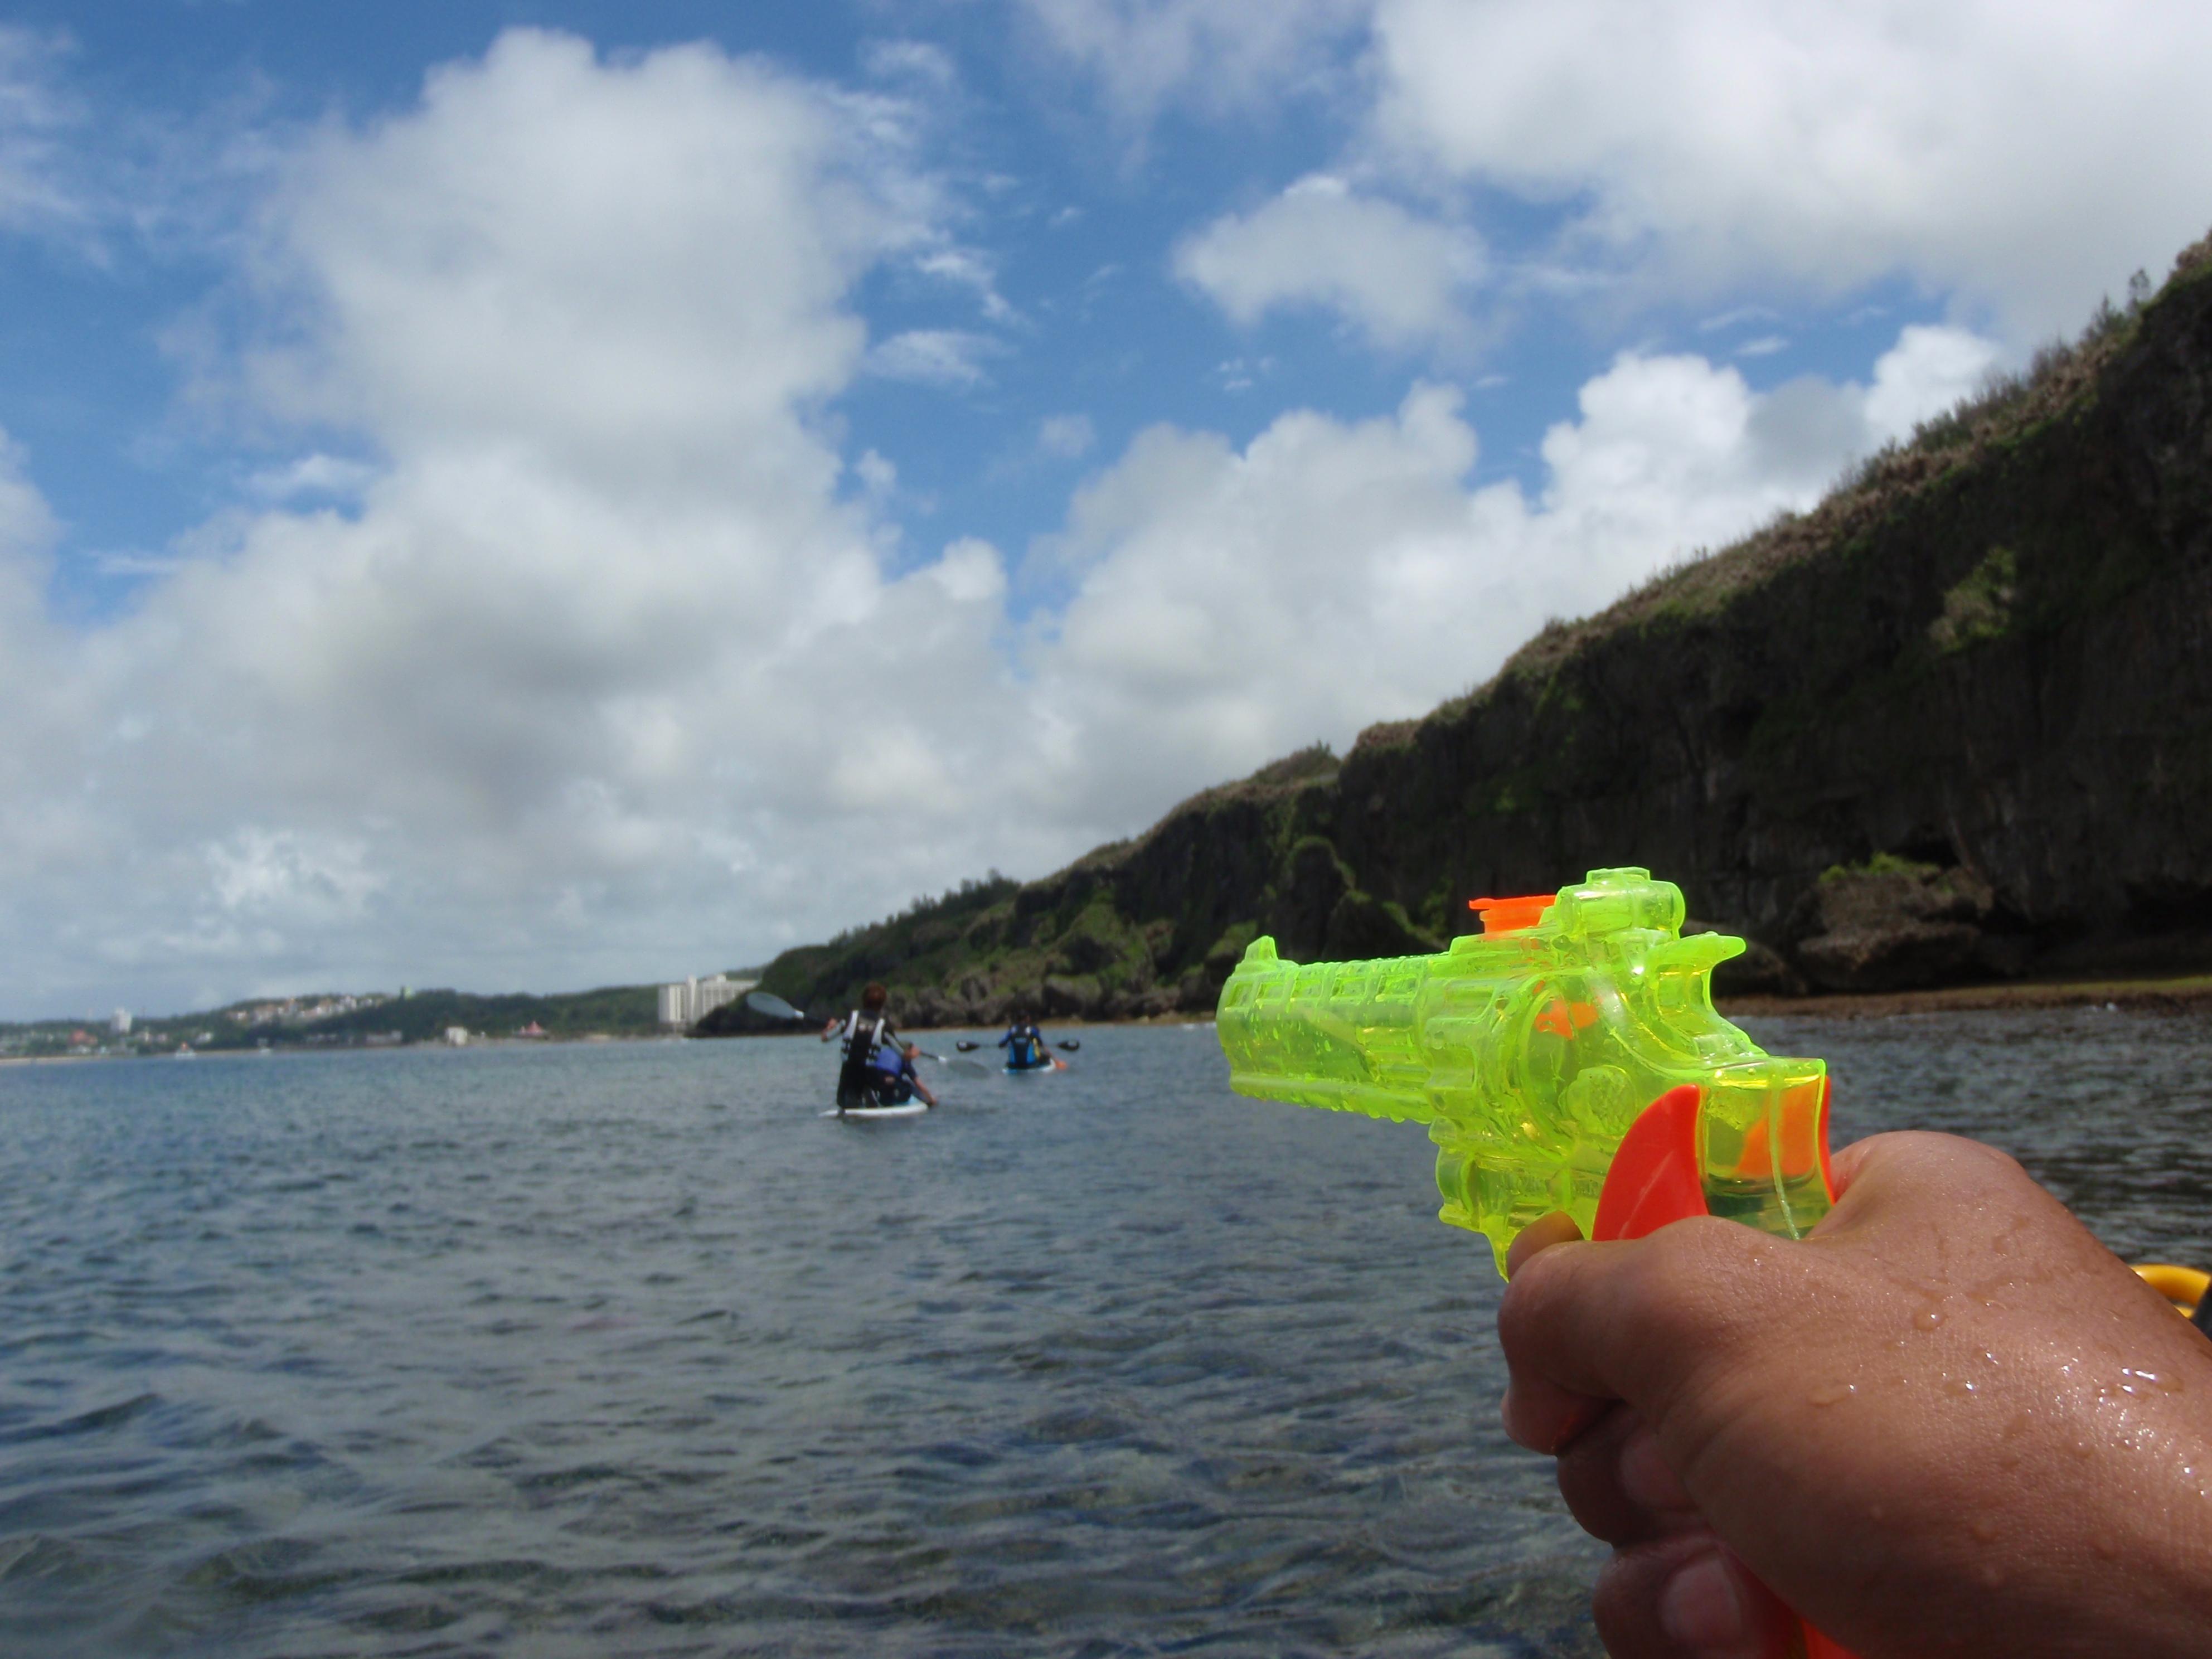 沖縄水鉄砲でも遊ぶ